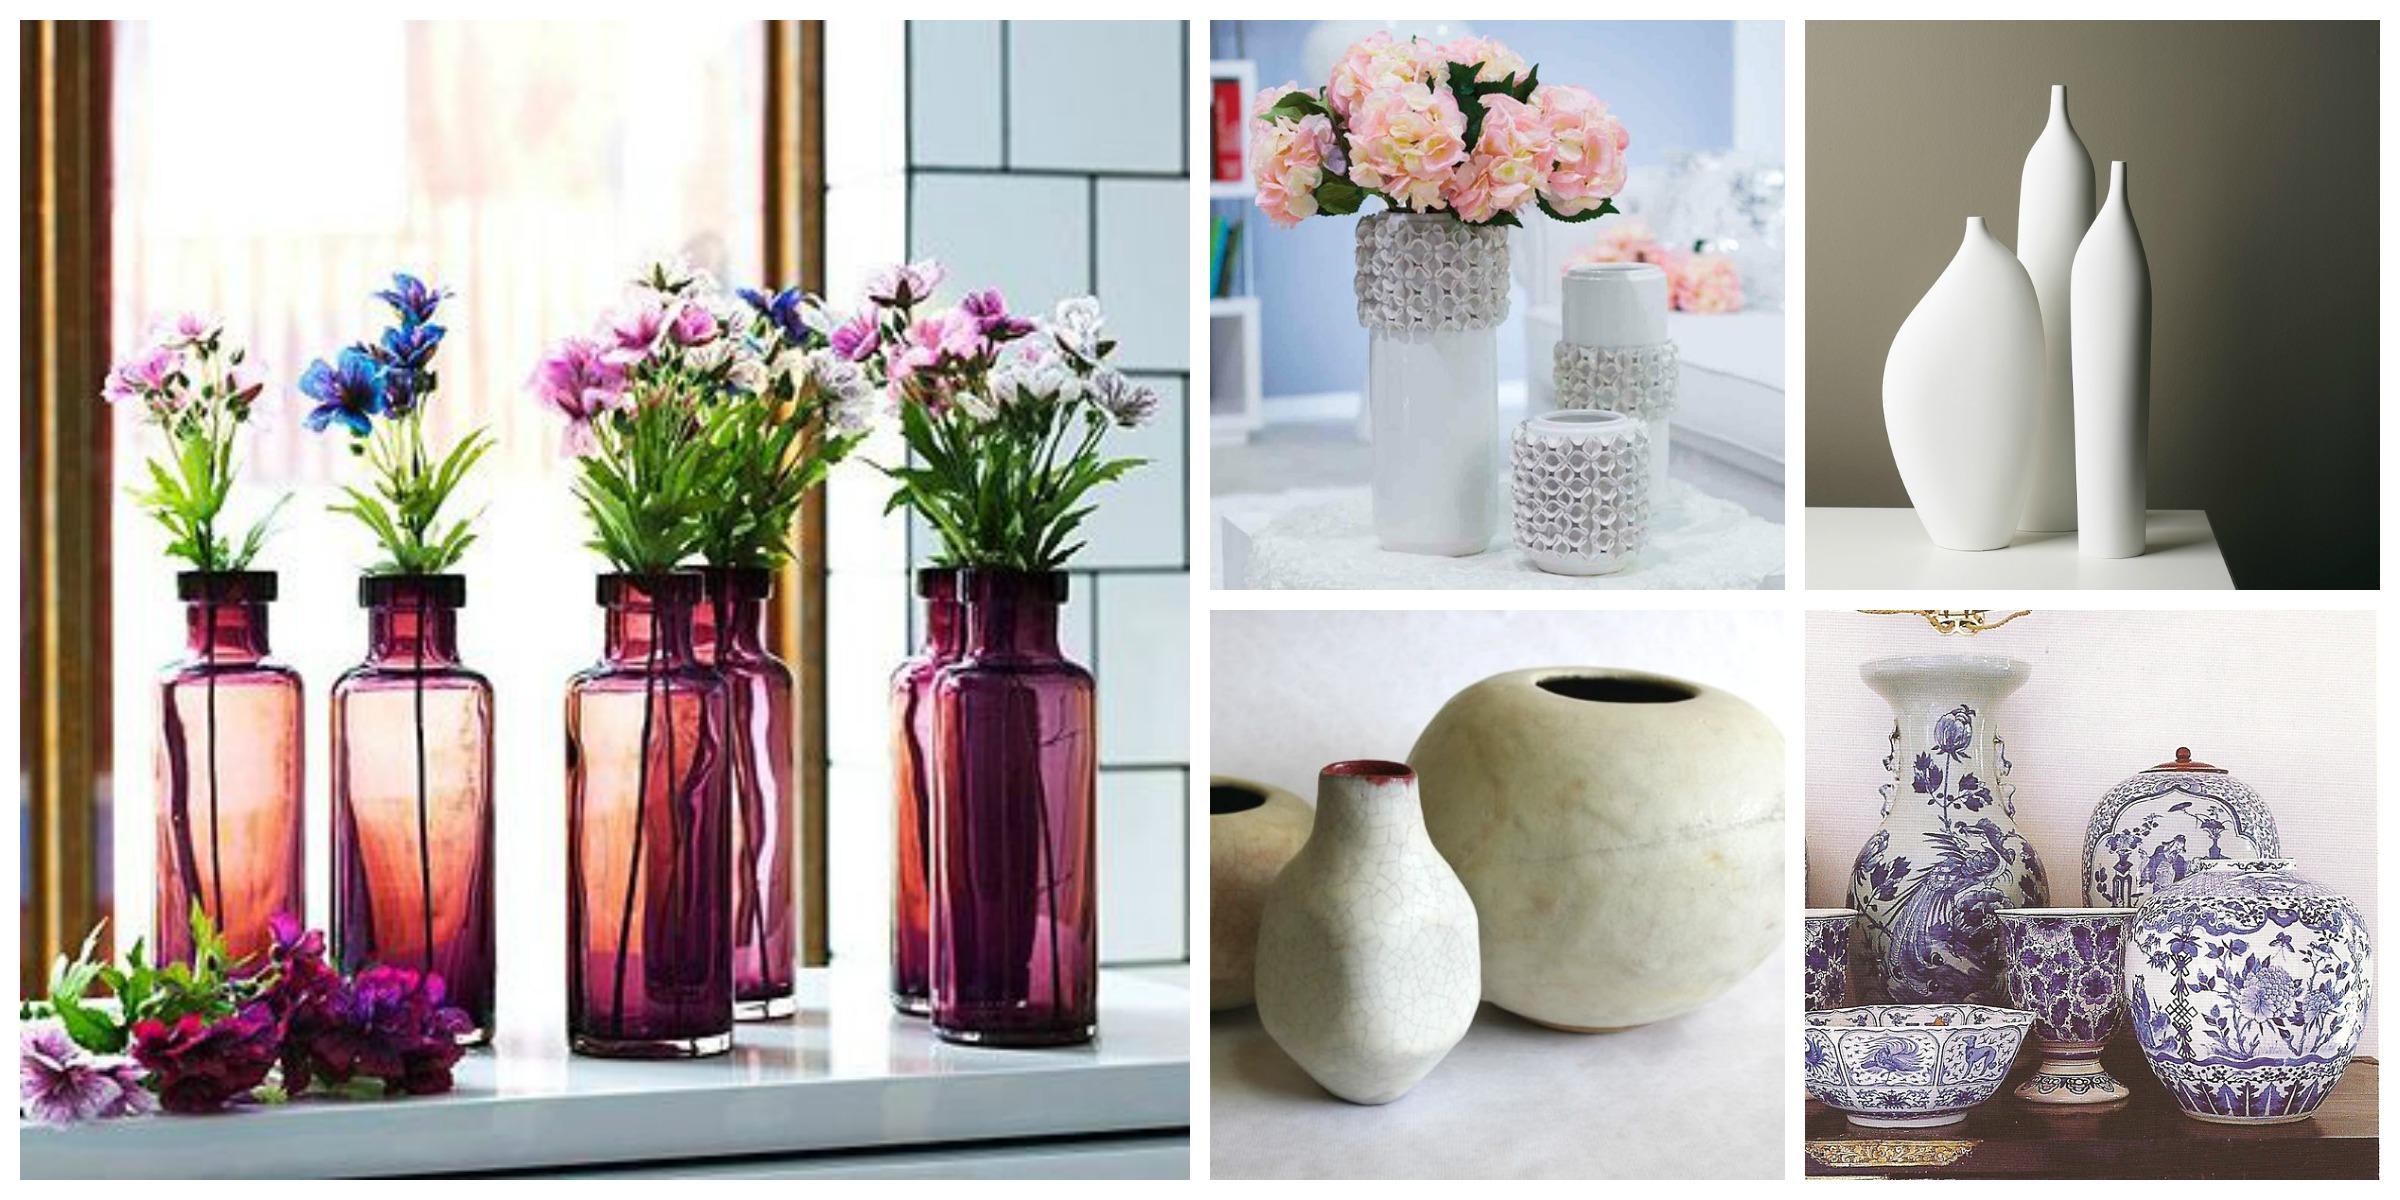 Flores en agua y sint ticas jarrones y floreros for Articulos para decoracion de interiores